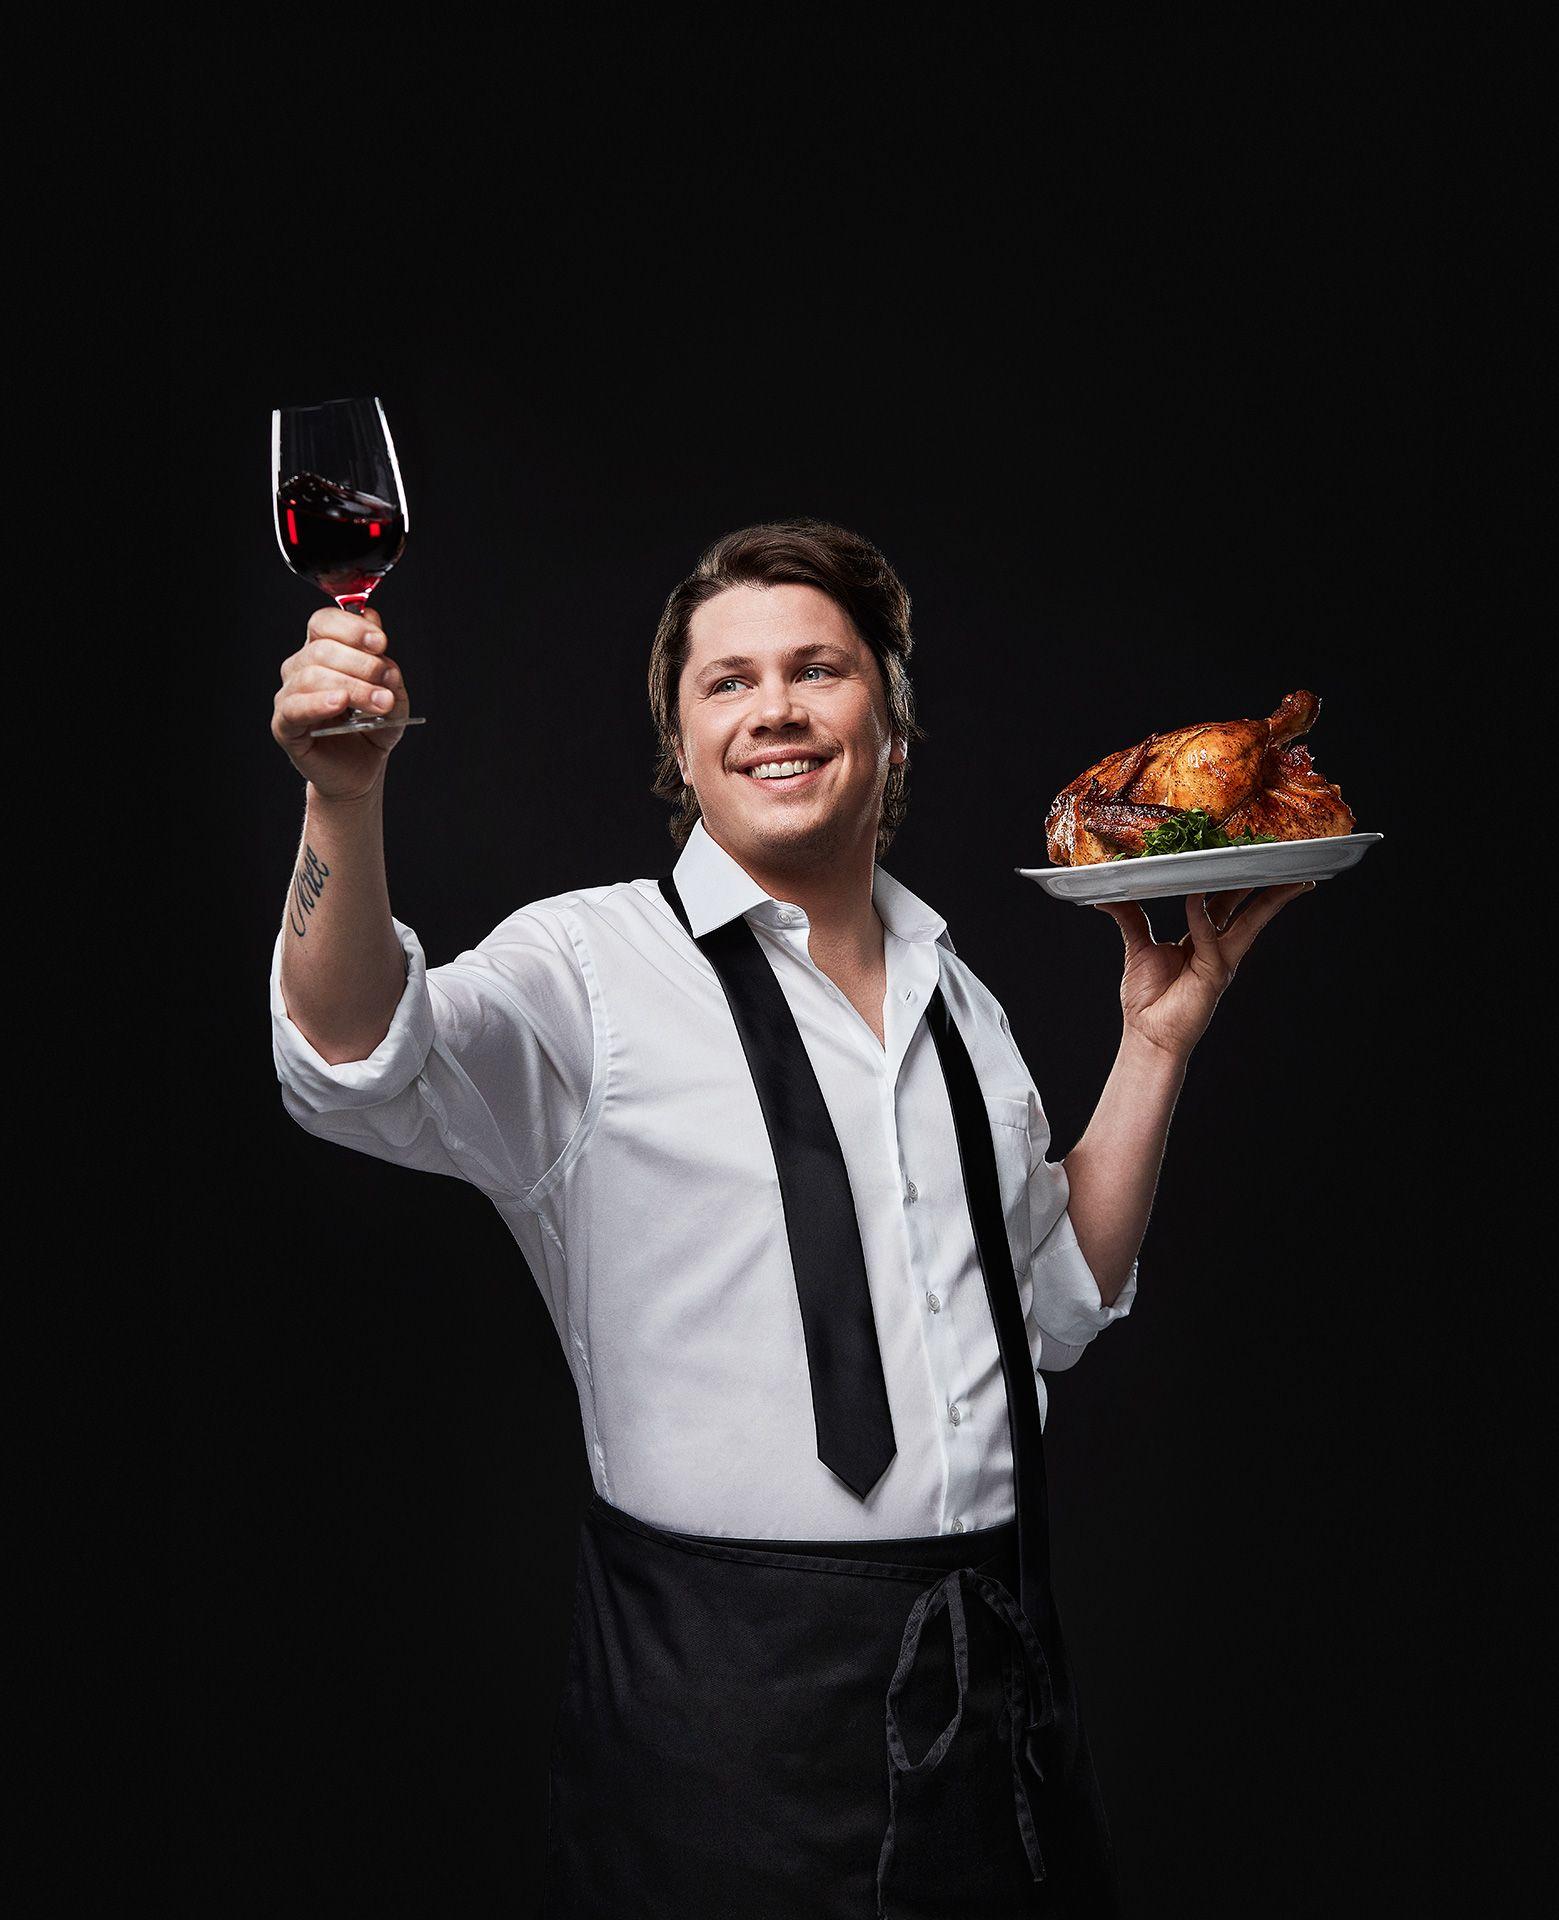 portrait du chef Nicholas Giambattisto levant un verre de vin rouge dans une main et tenant un poulet roti sur une assiette de l'autre par Jocelyn Michel pour le Cathcart